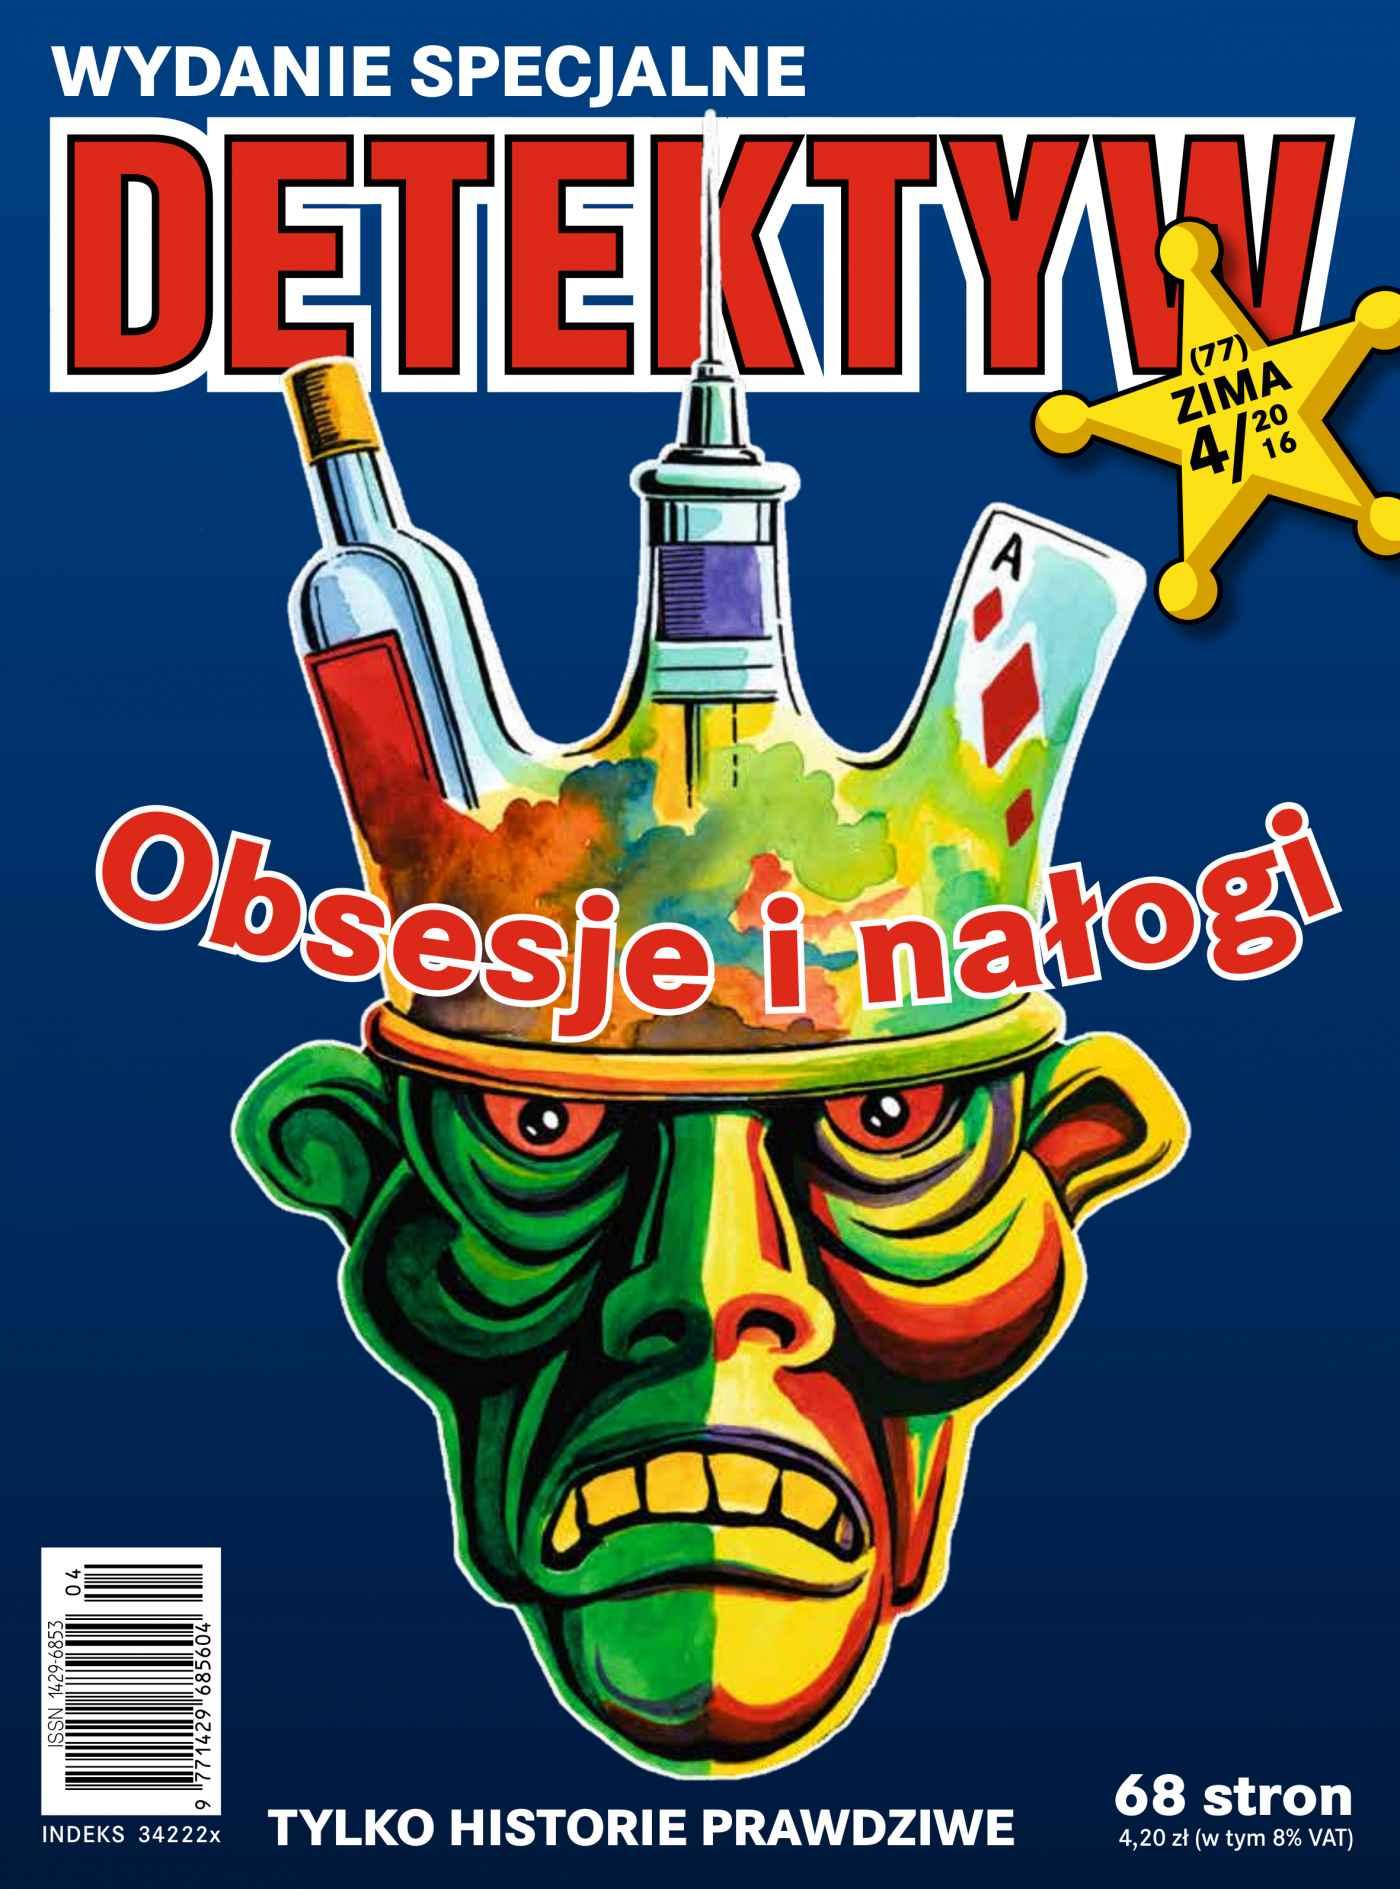 Detektyw - Wydanie Specjalne 4/2016 - Ebook (Książka PDF) do pobrania w formacie PDF